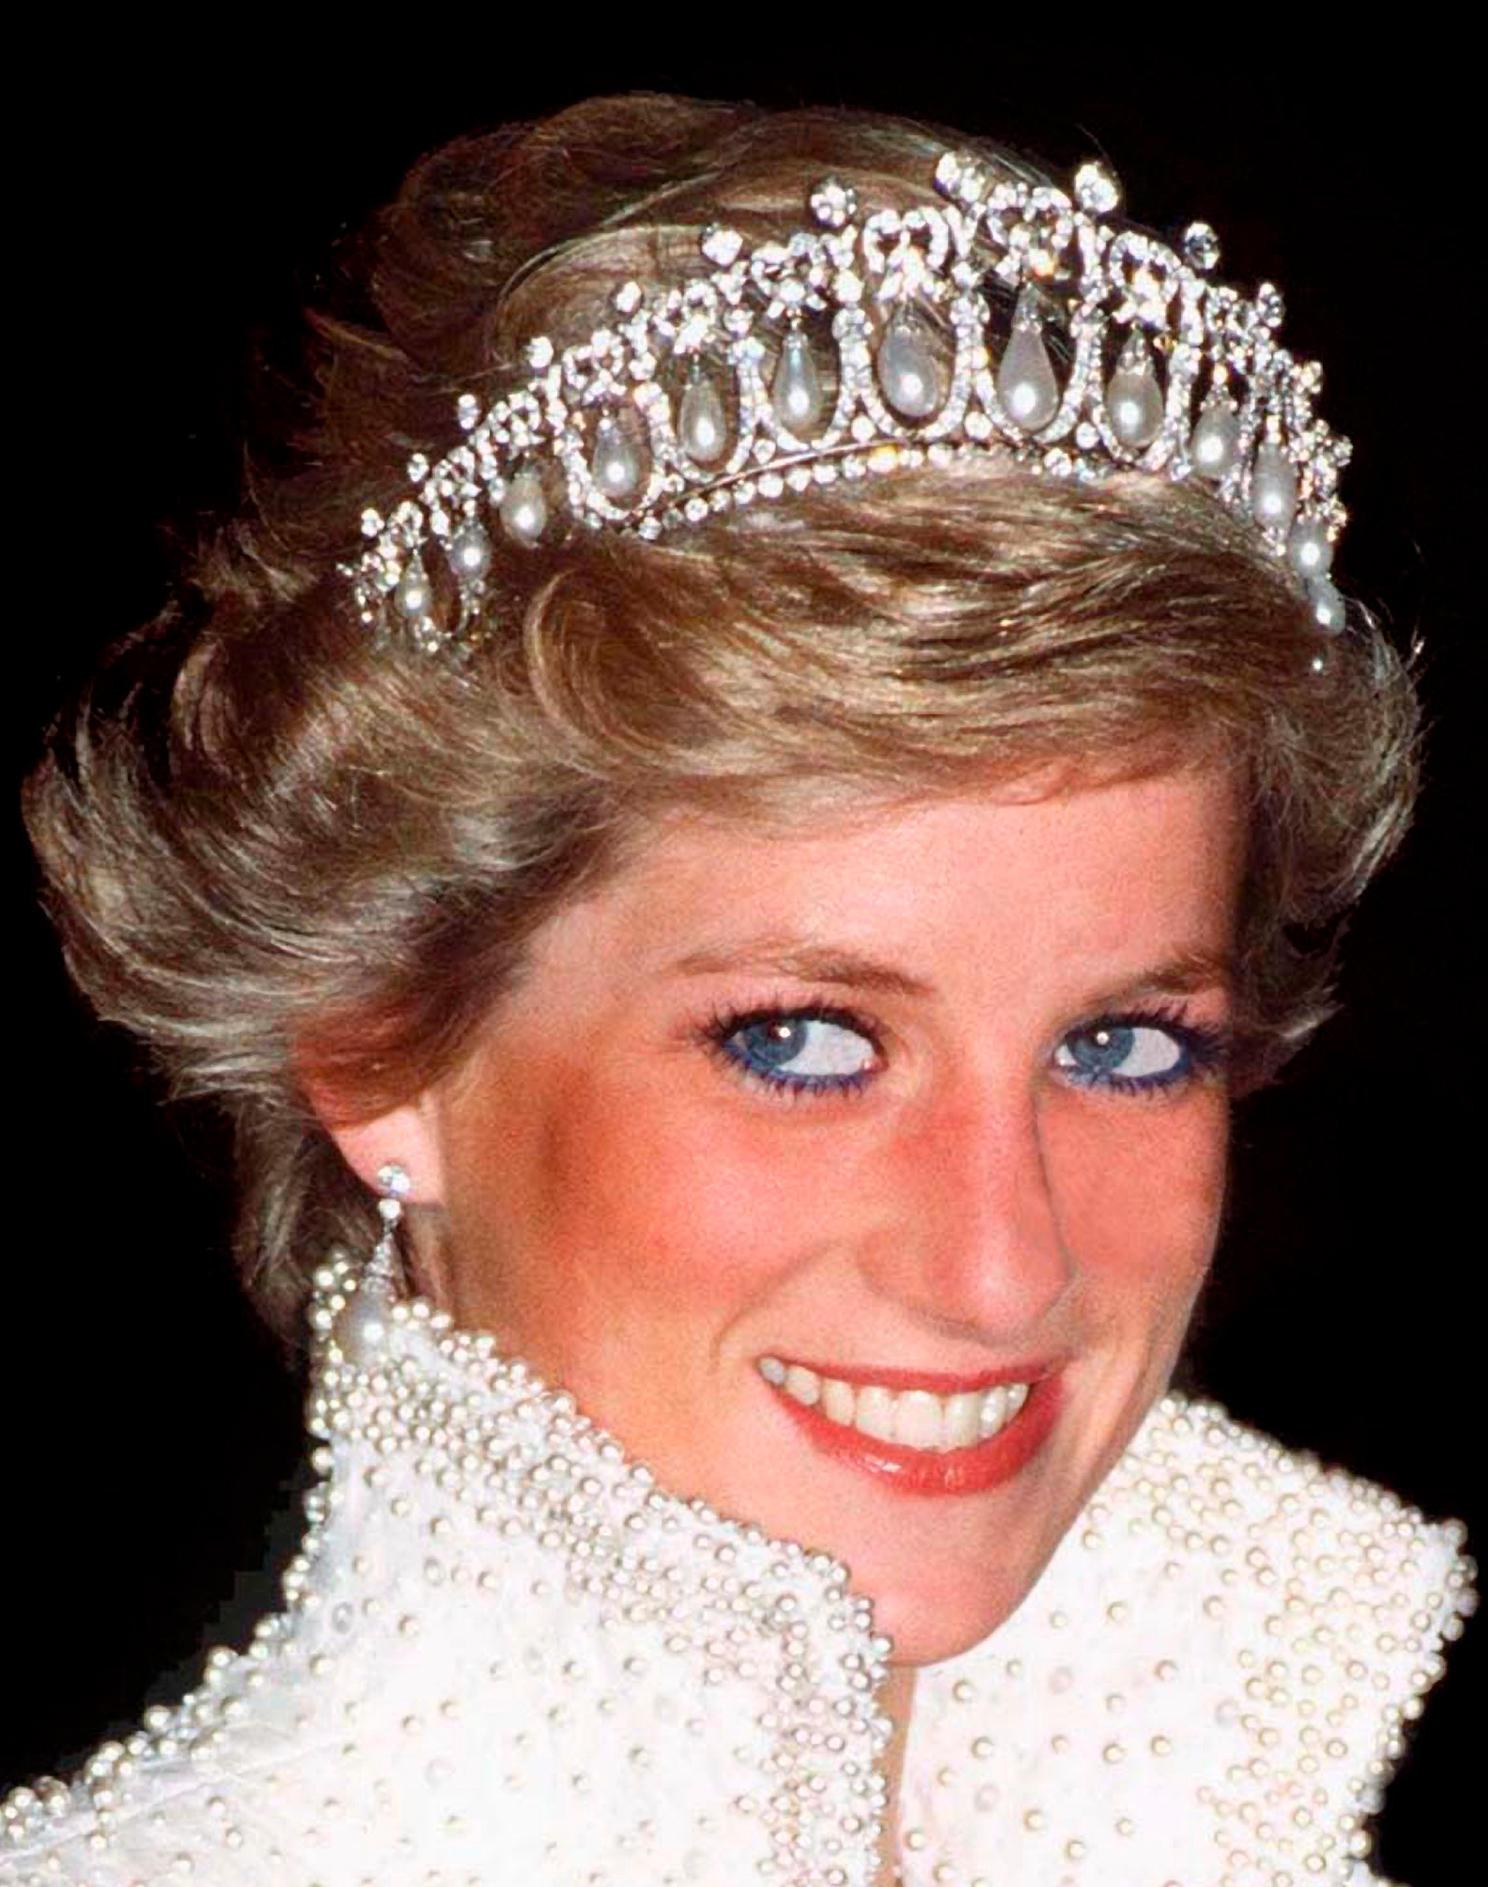 Prinzessin Diana trägt blauen Eyeliner